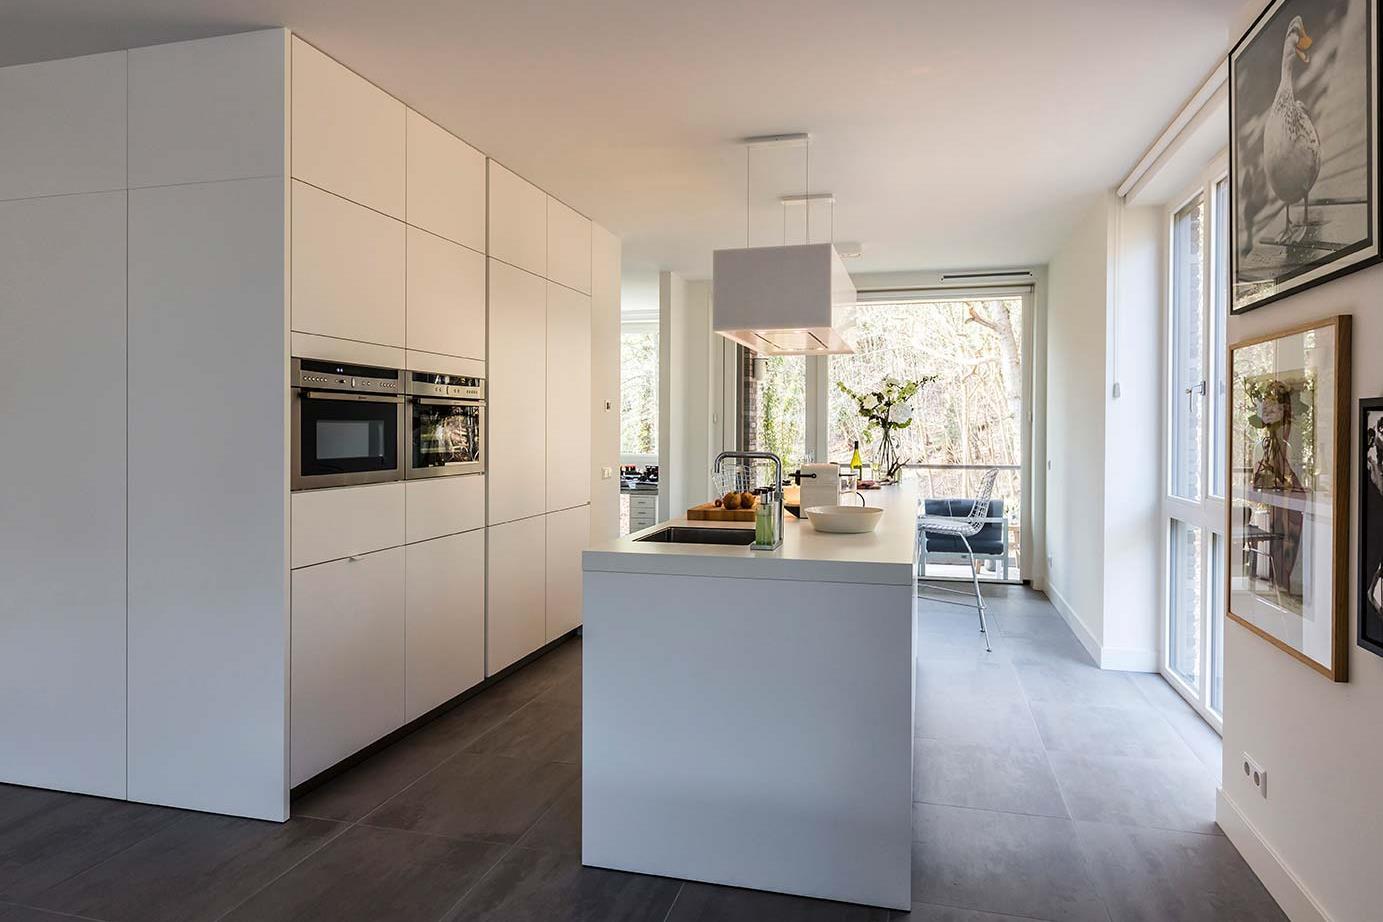 Keukenmontage Prijzen : Design keukens SieMatic en eigen merken Keur